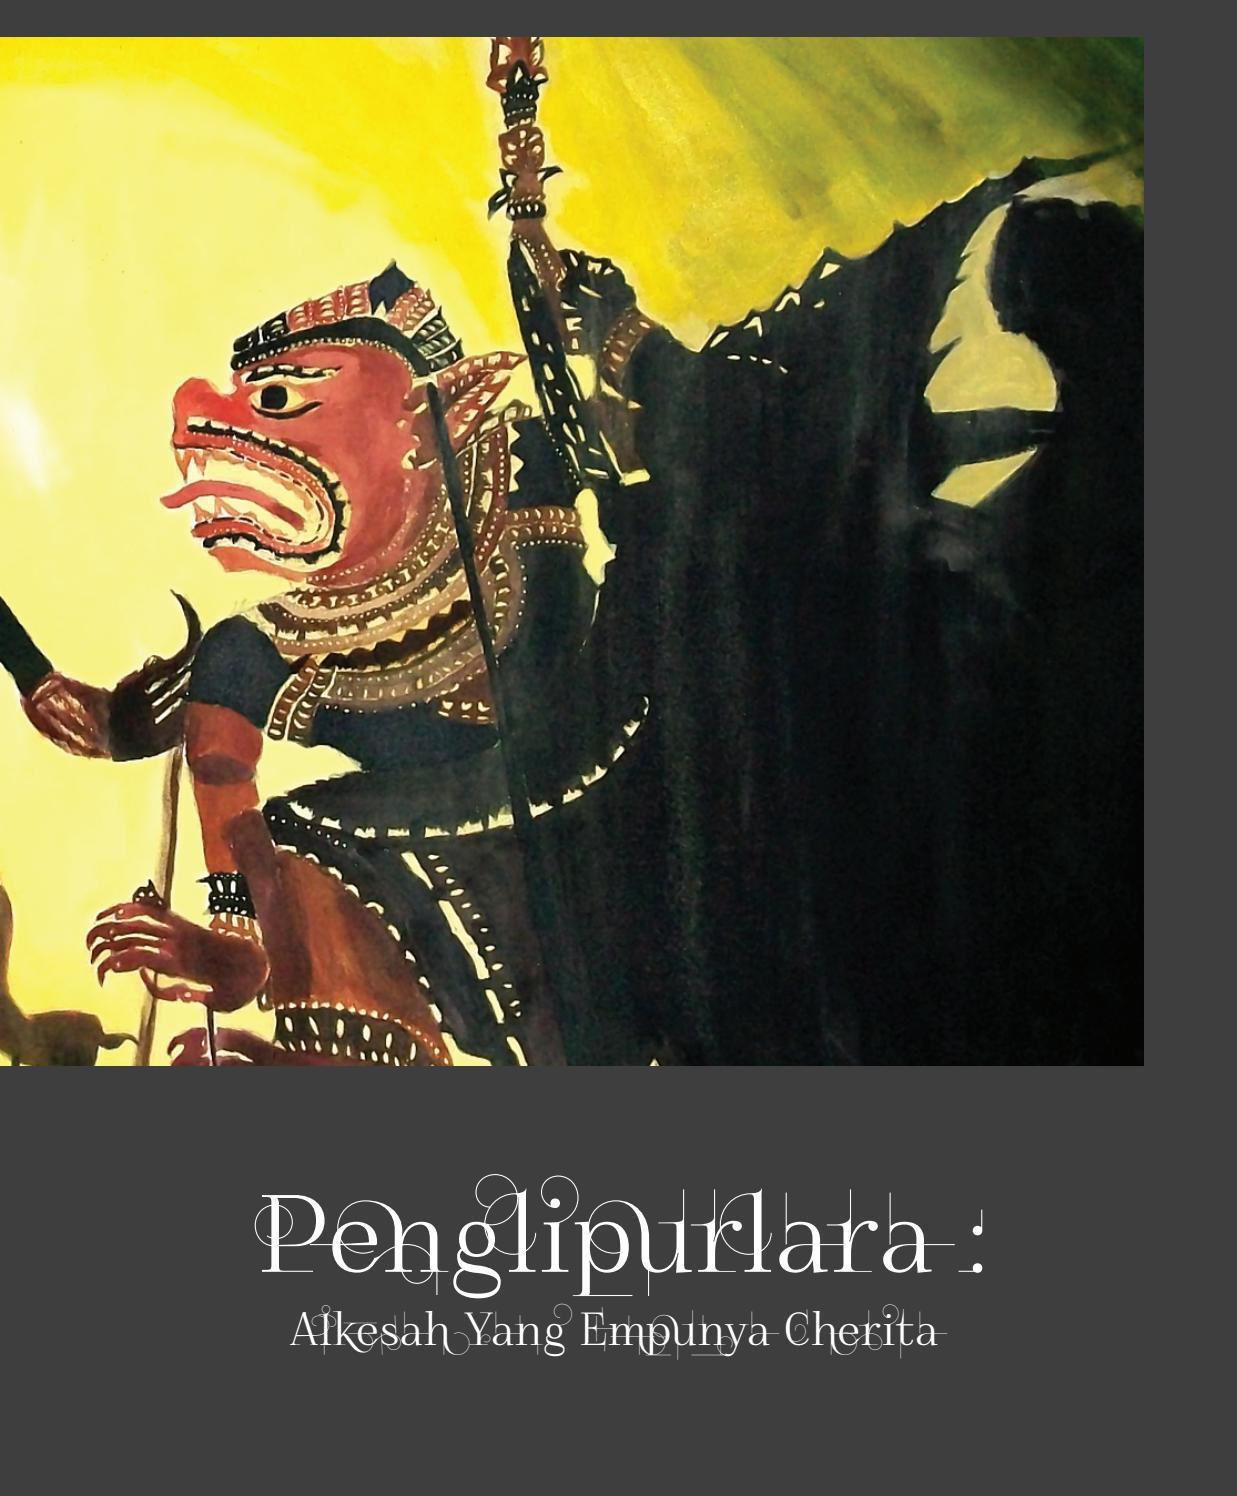 Penglipurlara Alkesah Yang Empunya Cherita By Pustaka Taman